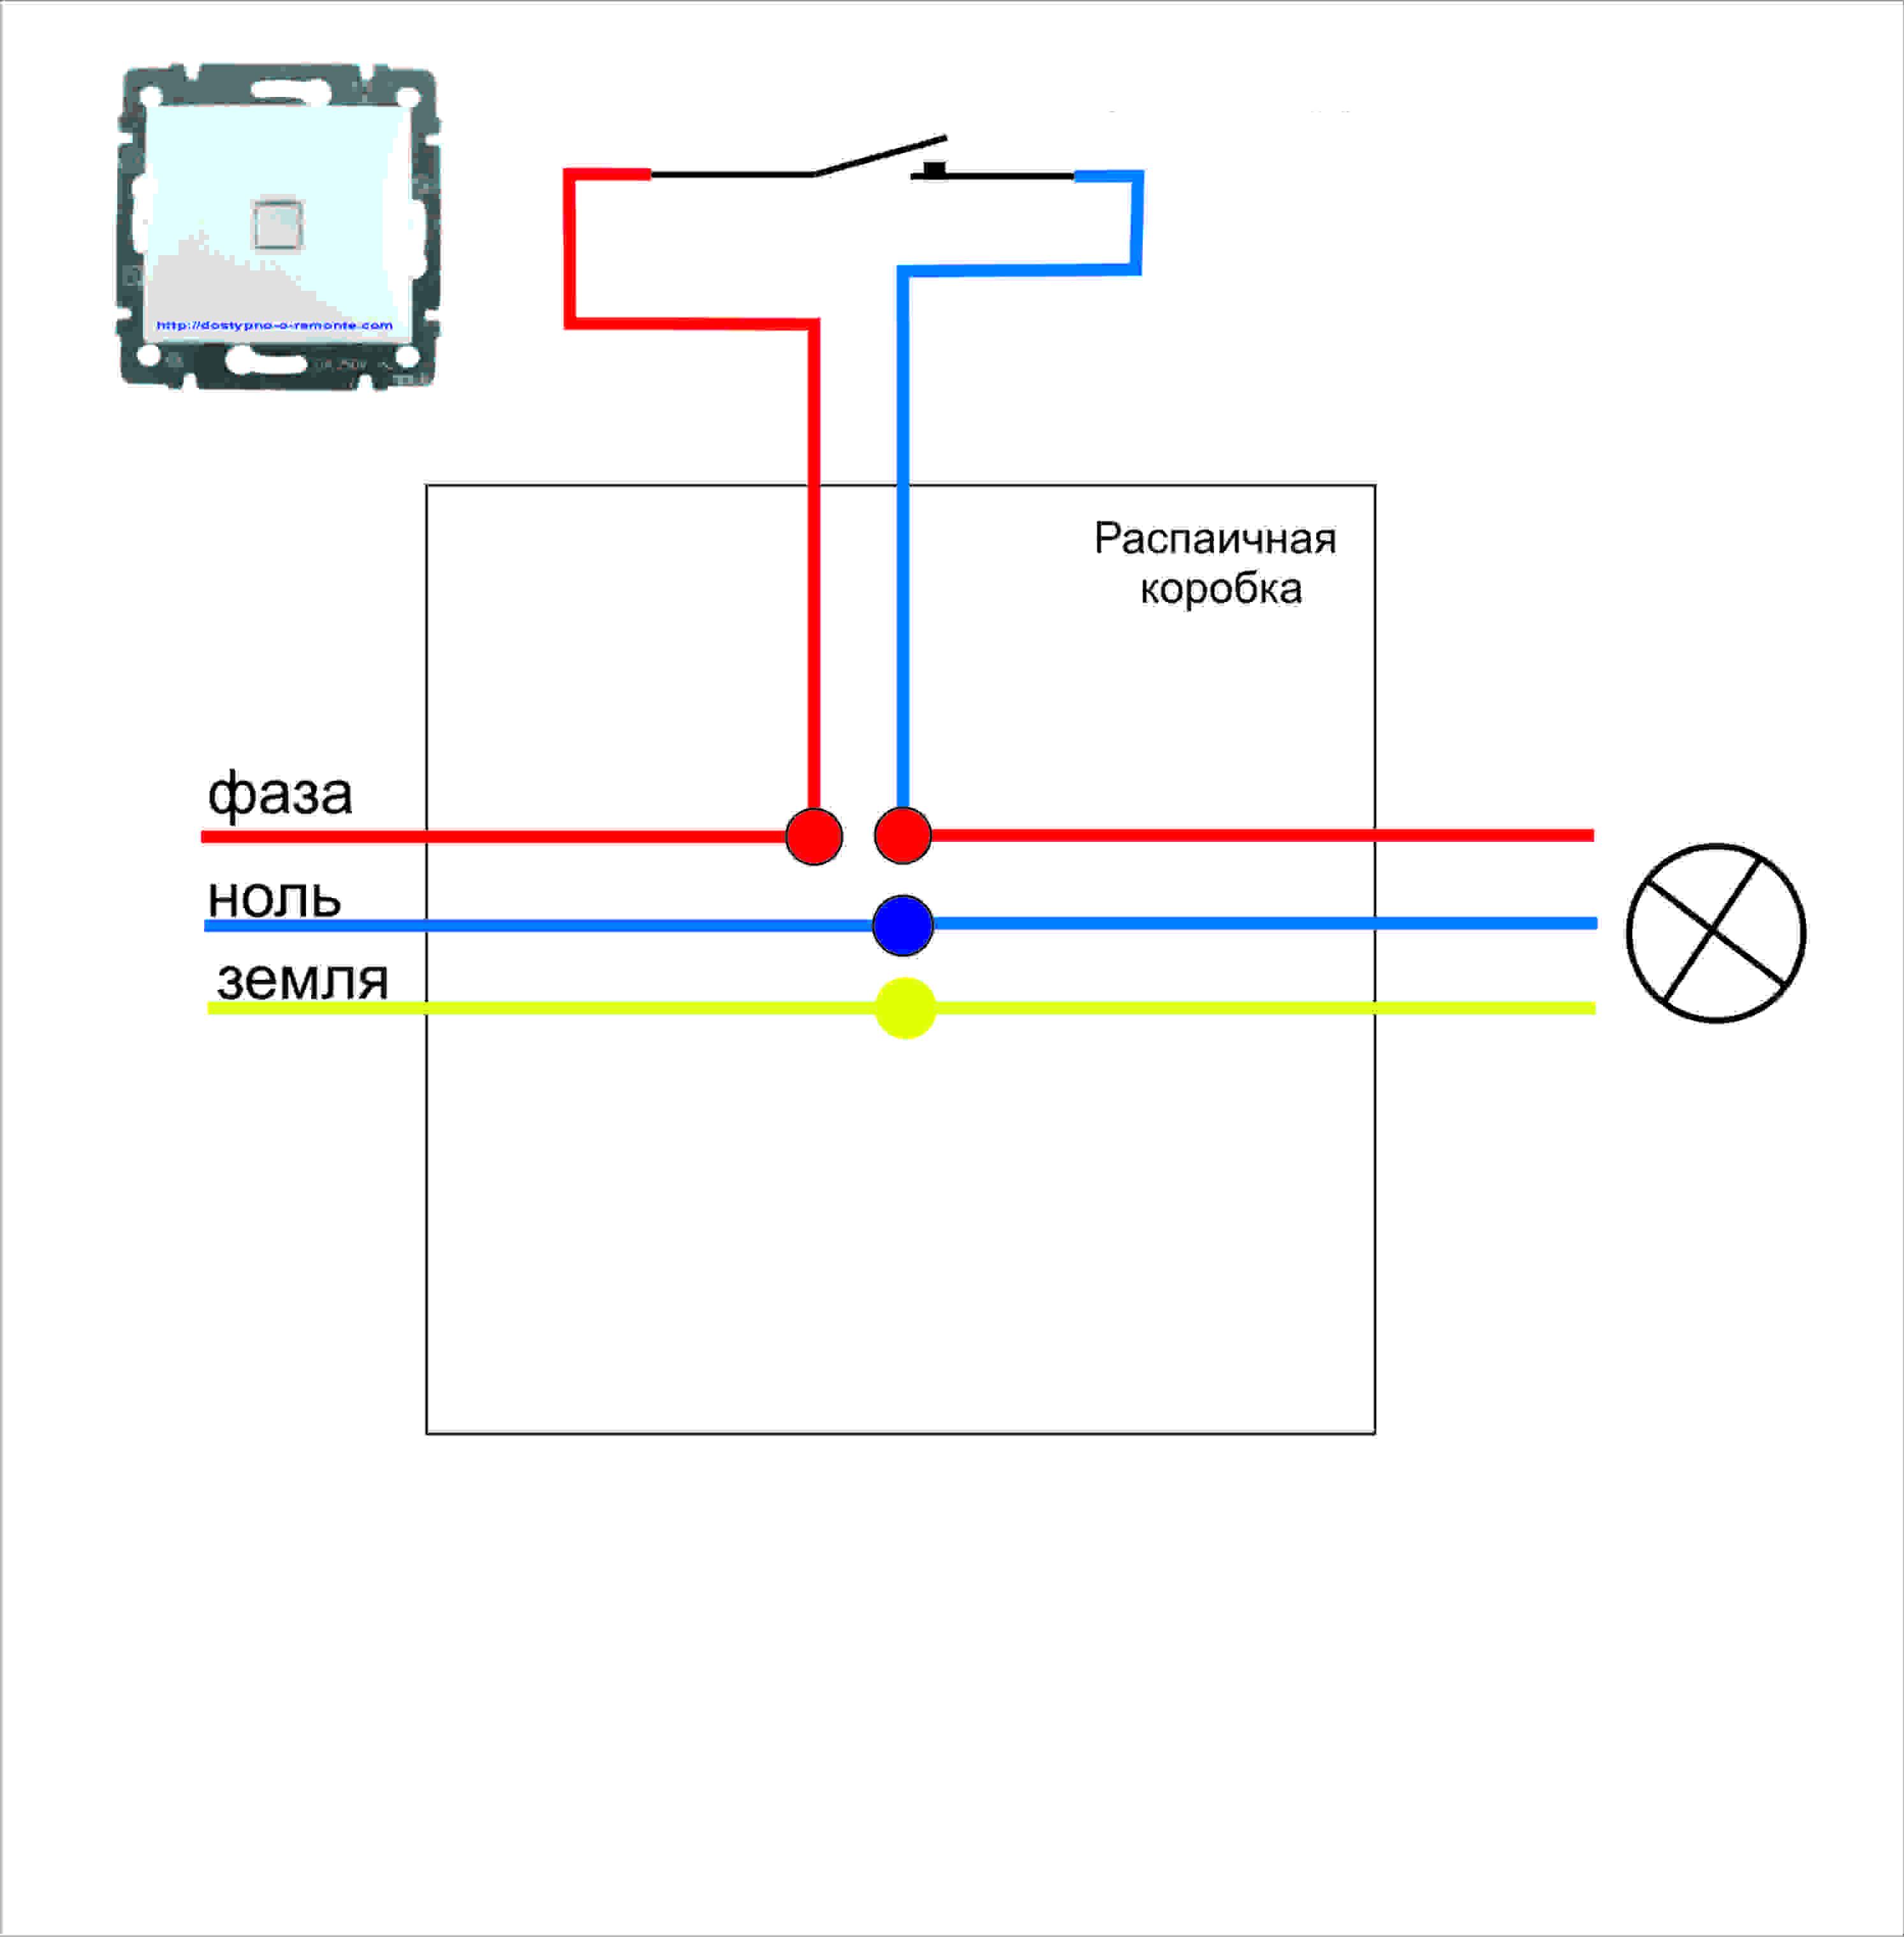 схема подключения лампочки и розетки с выключателем